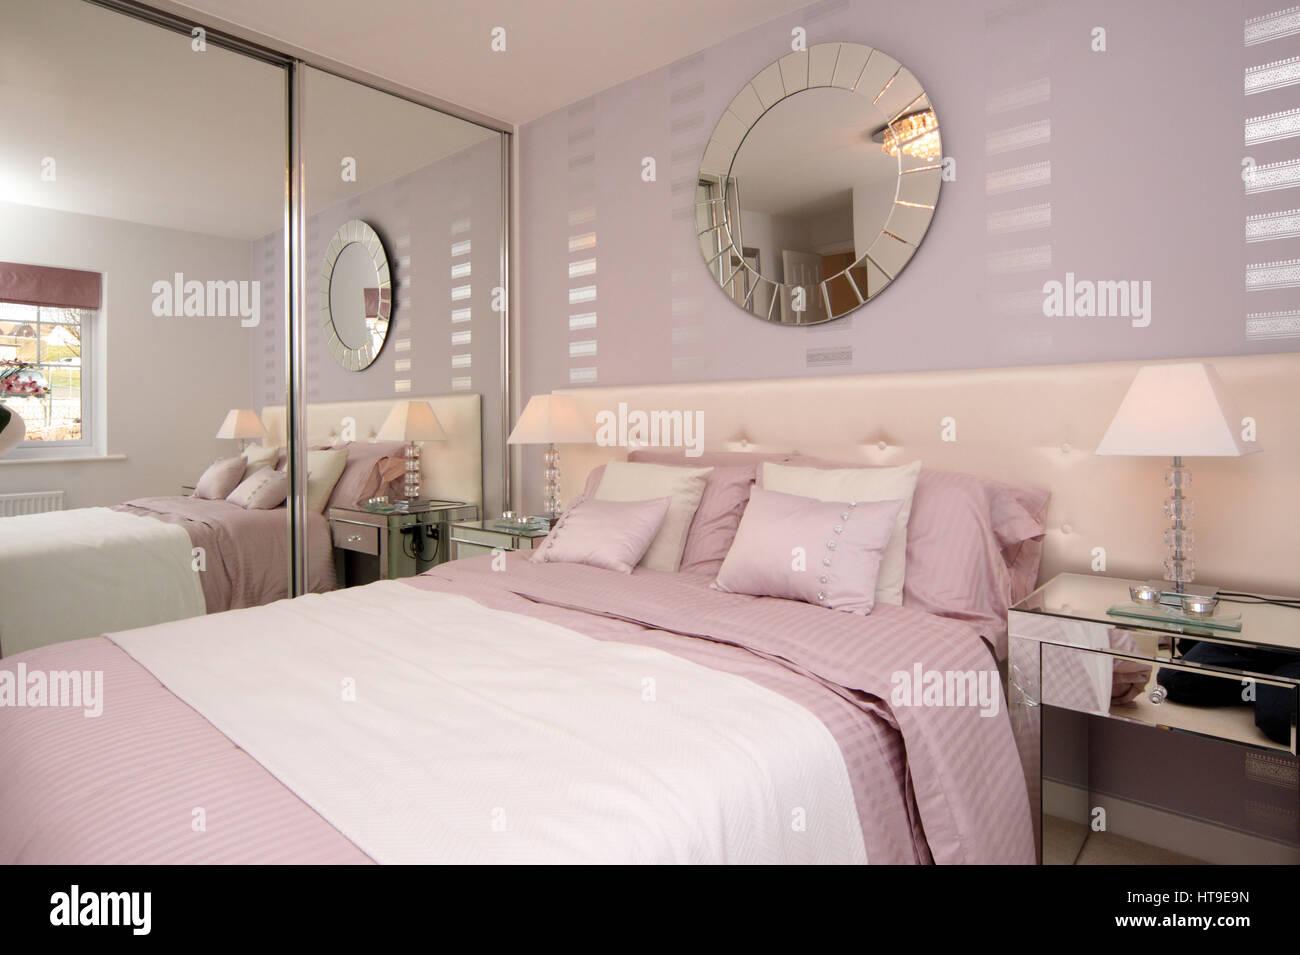 Parete Camera Da Letto Argento : Home interno camera da letto rosa colori bianco argento